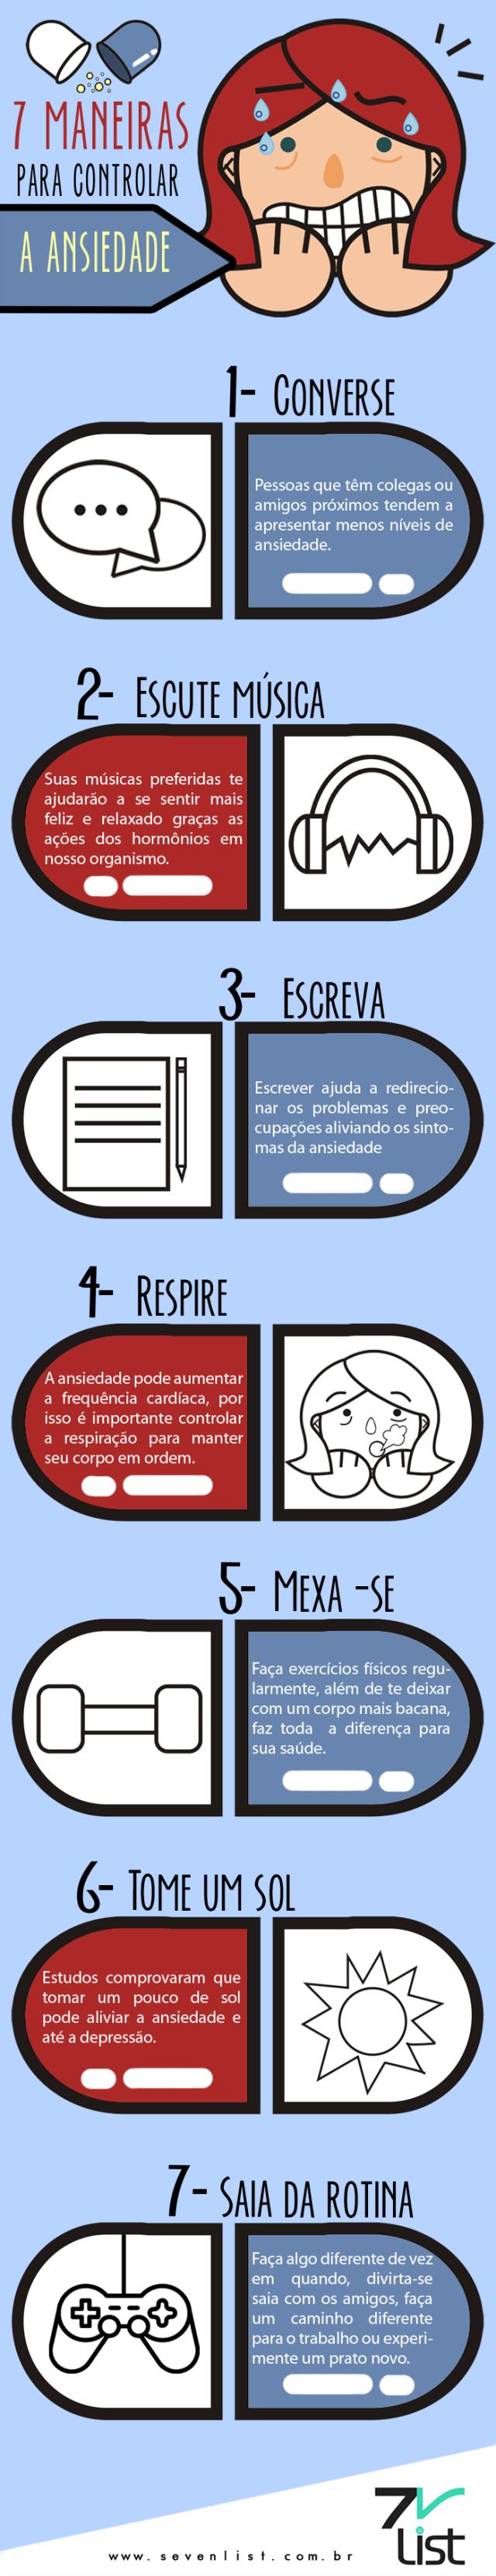 7list_7-maneiras-para-controlar-a-ansiedade.png